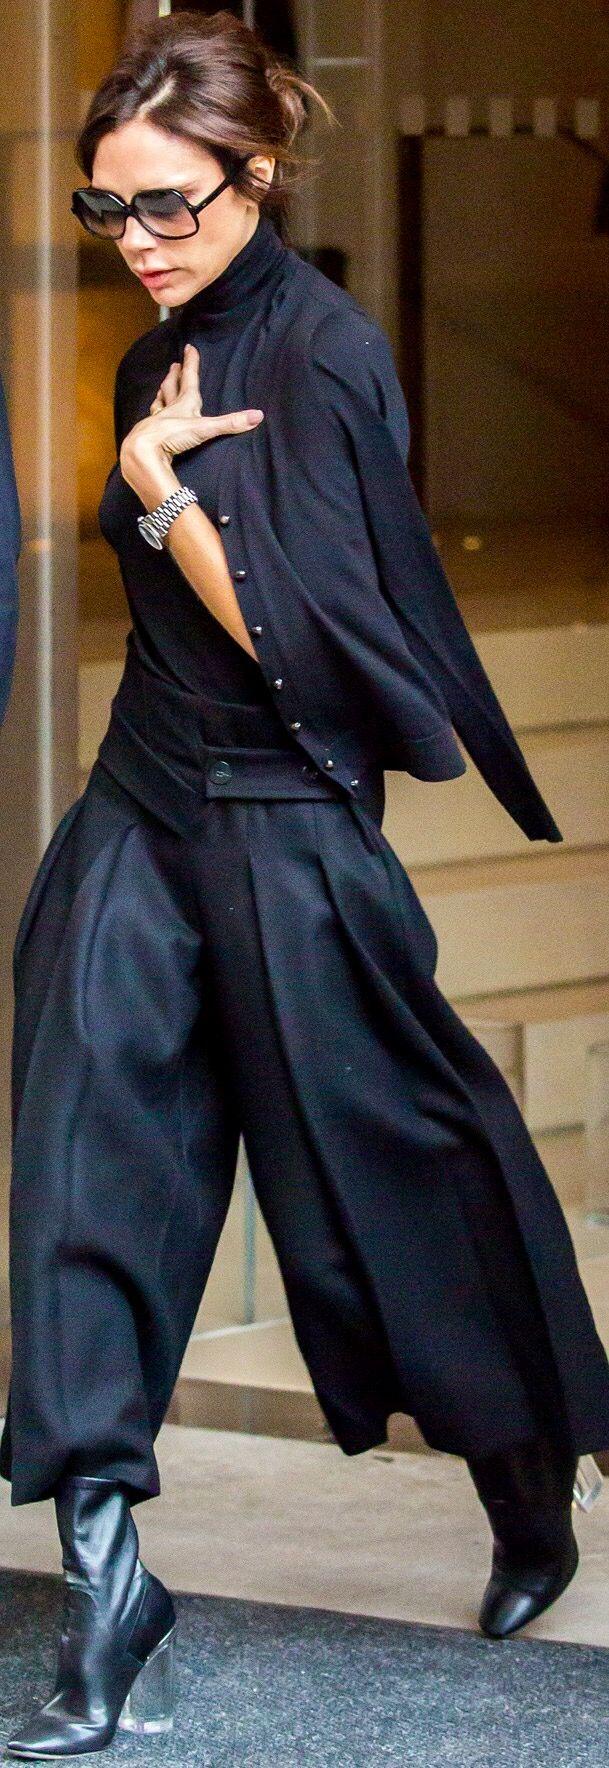 Victoria beckham fashion pinterest Victoria Beckham: Her Allure Cover Shoot Allure